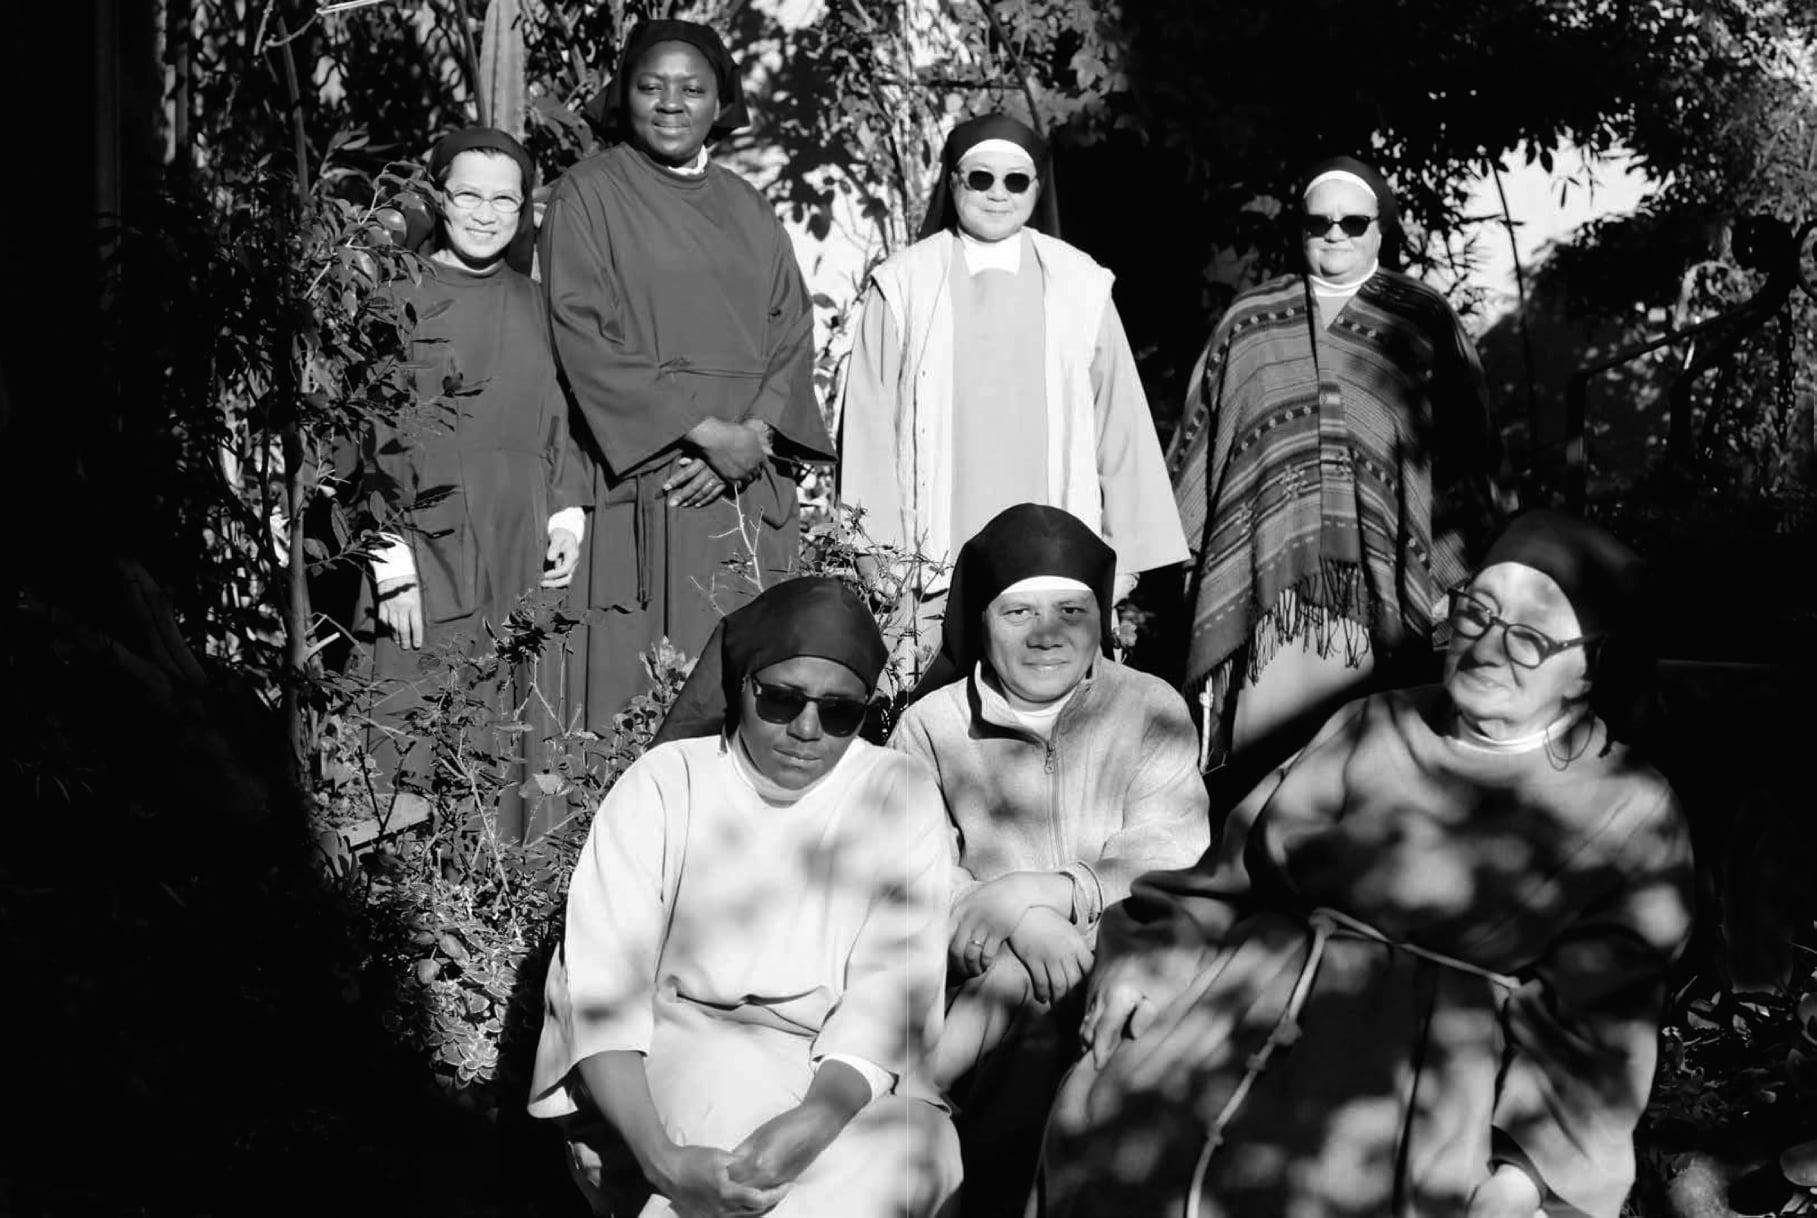 Les sept sœurs clarisses du monastère de Sainte Claire de Bastia. Crédits Photo : Rita Scaglia